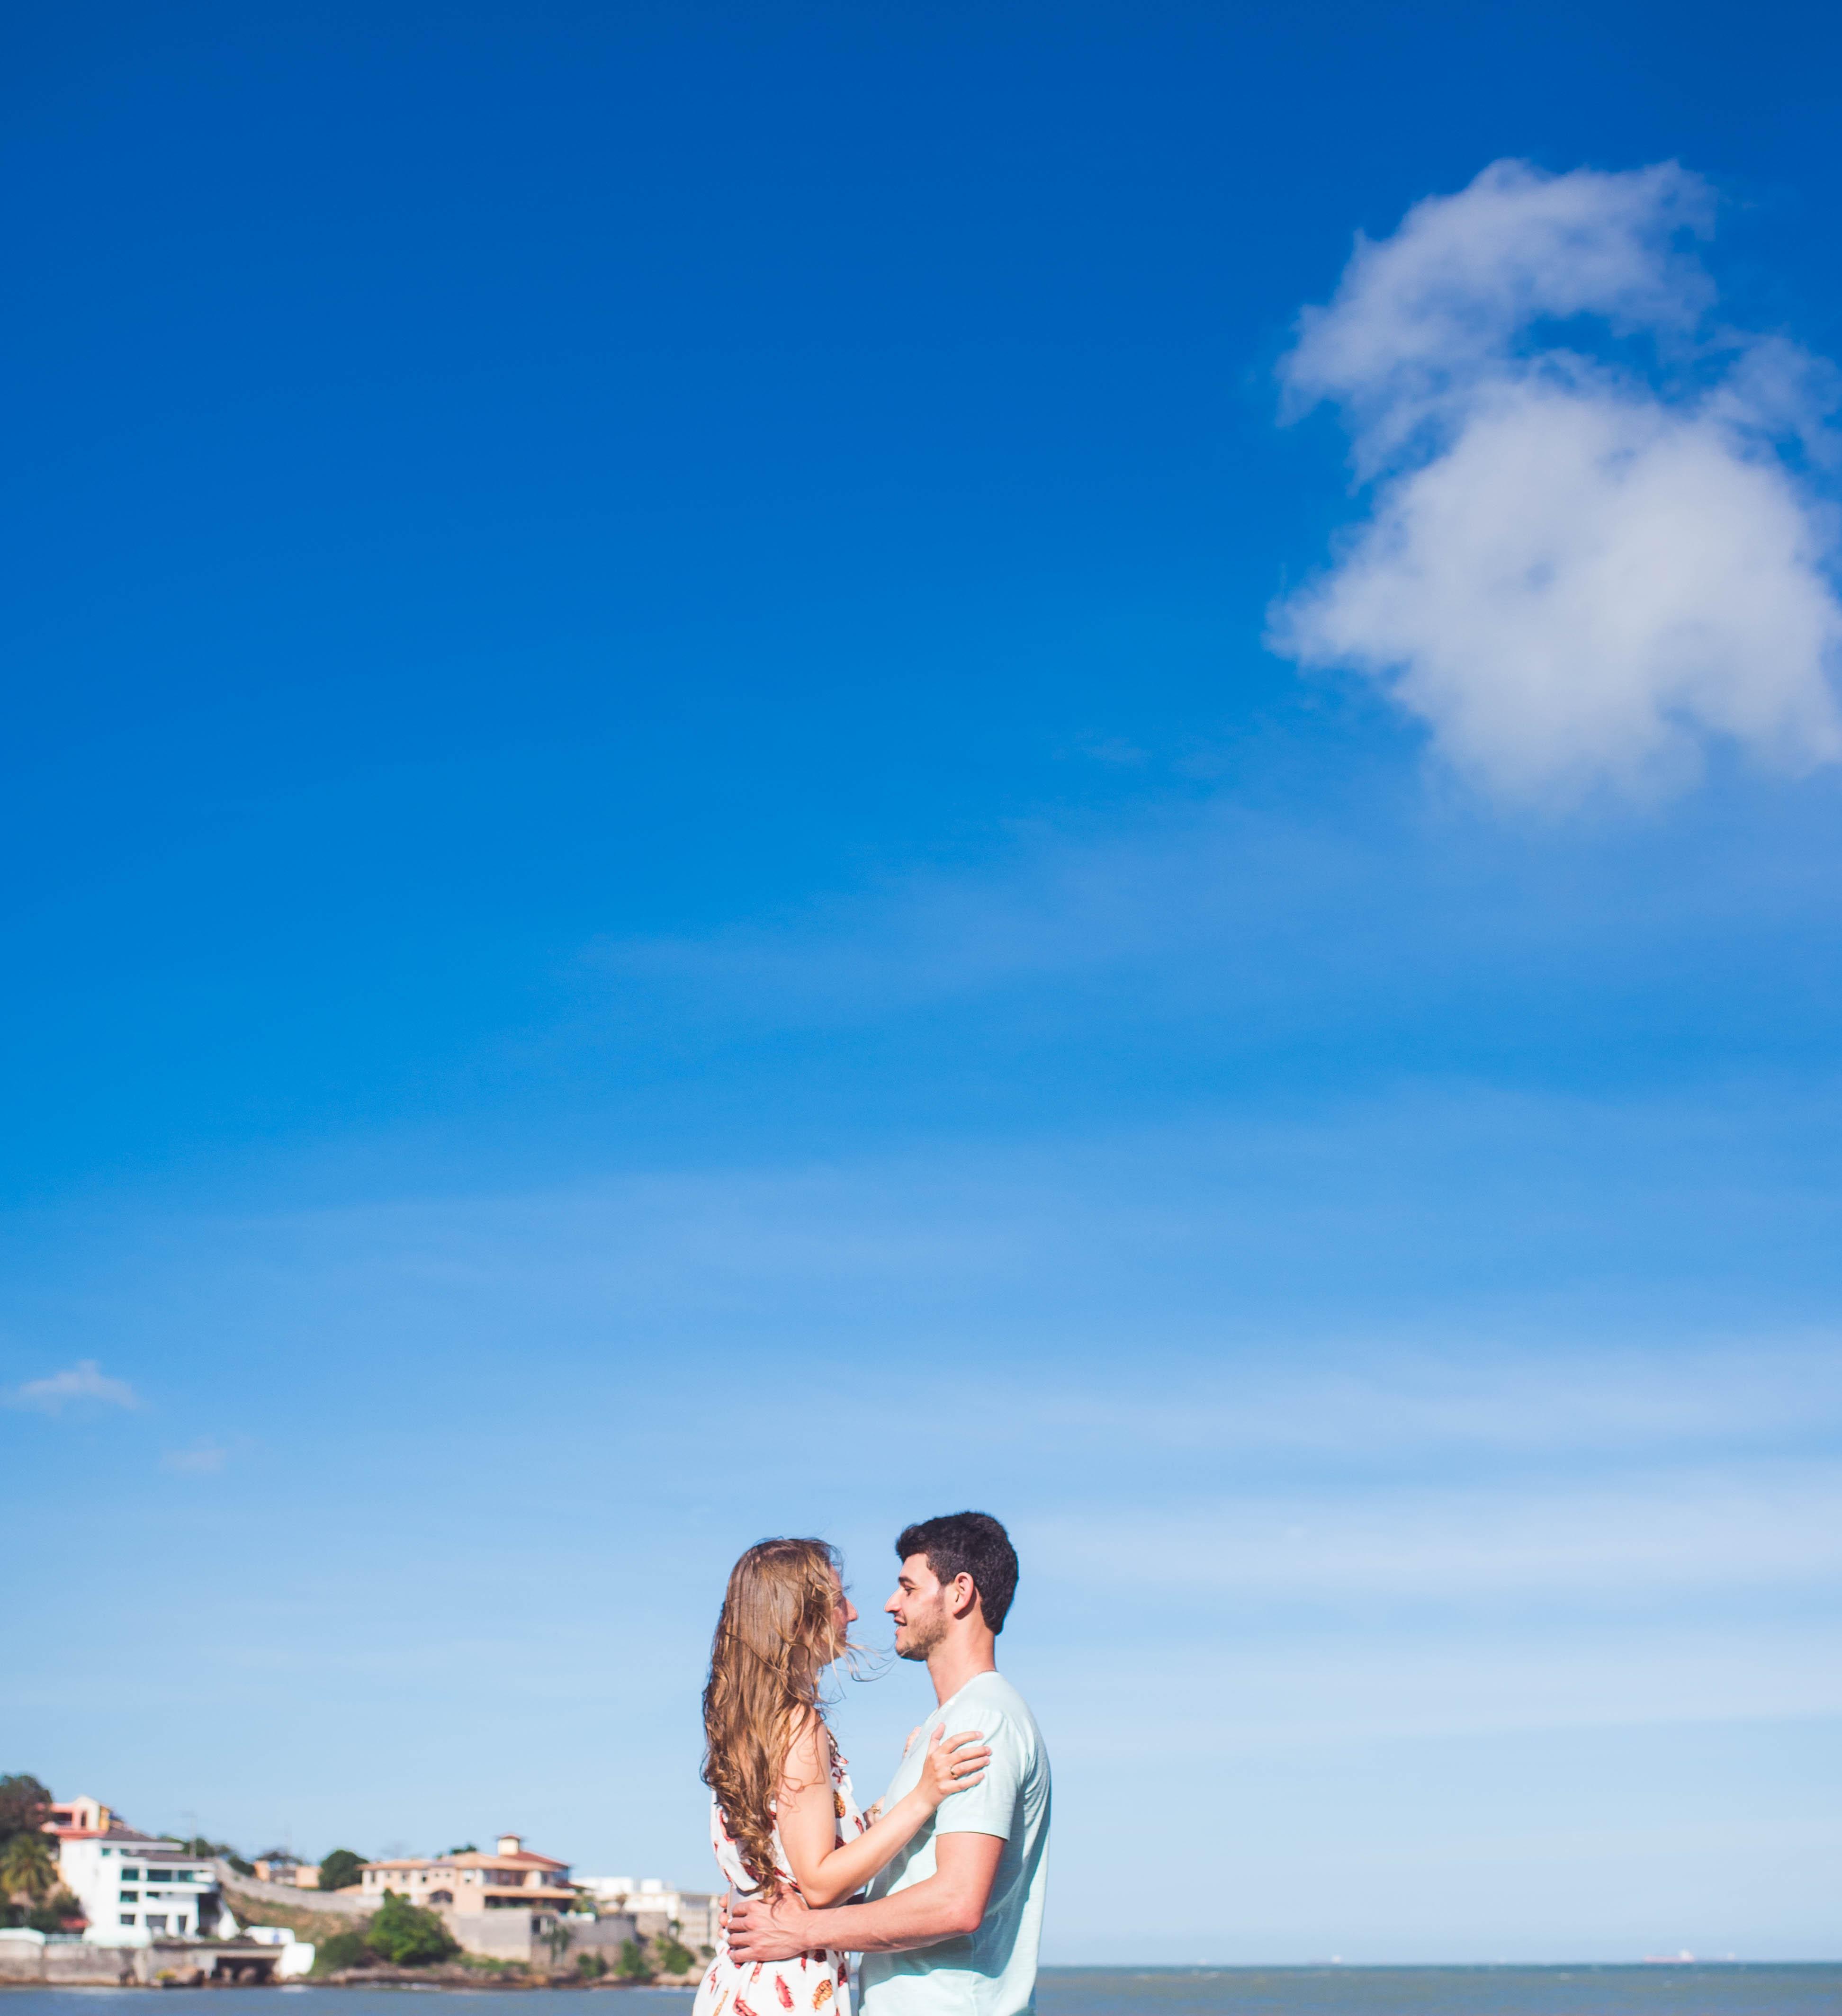 Find a Click fotografia de casamento cariacica es-36